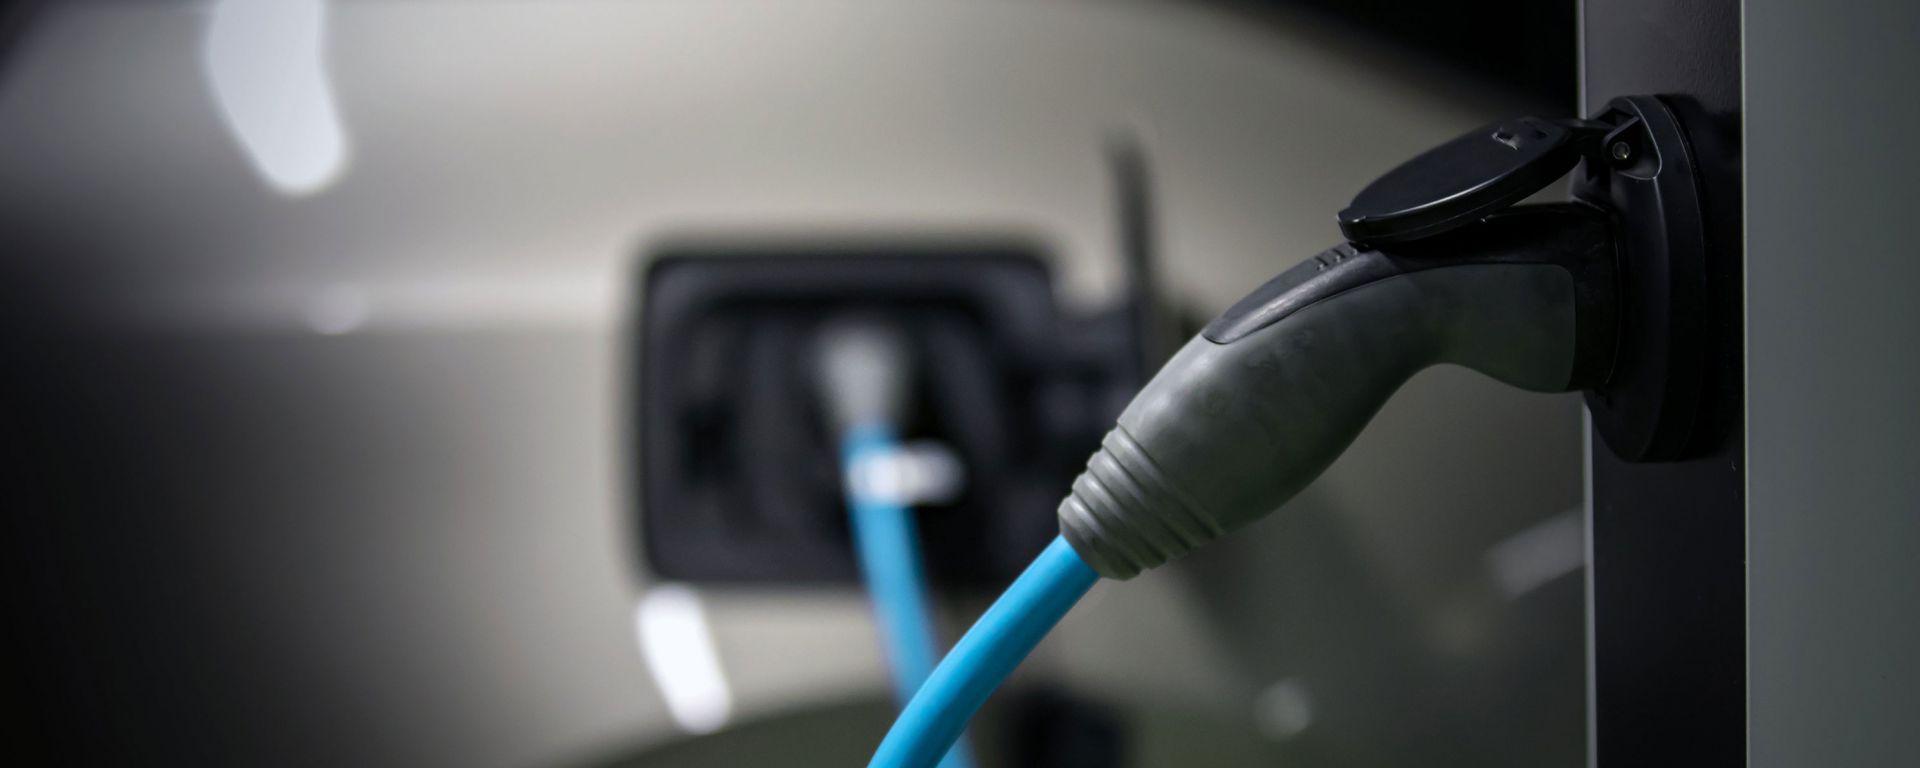 Auto elettriche in crescita esponenziale: i numeri